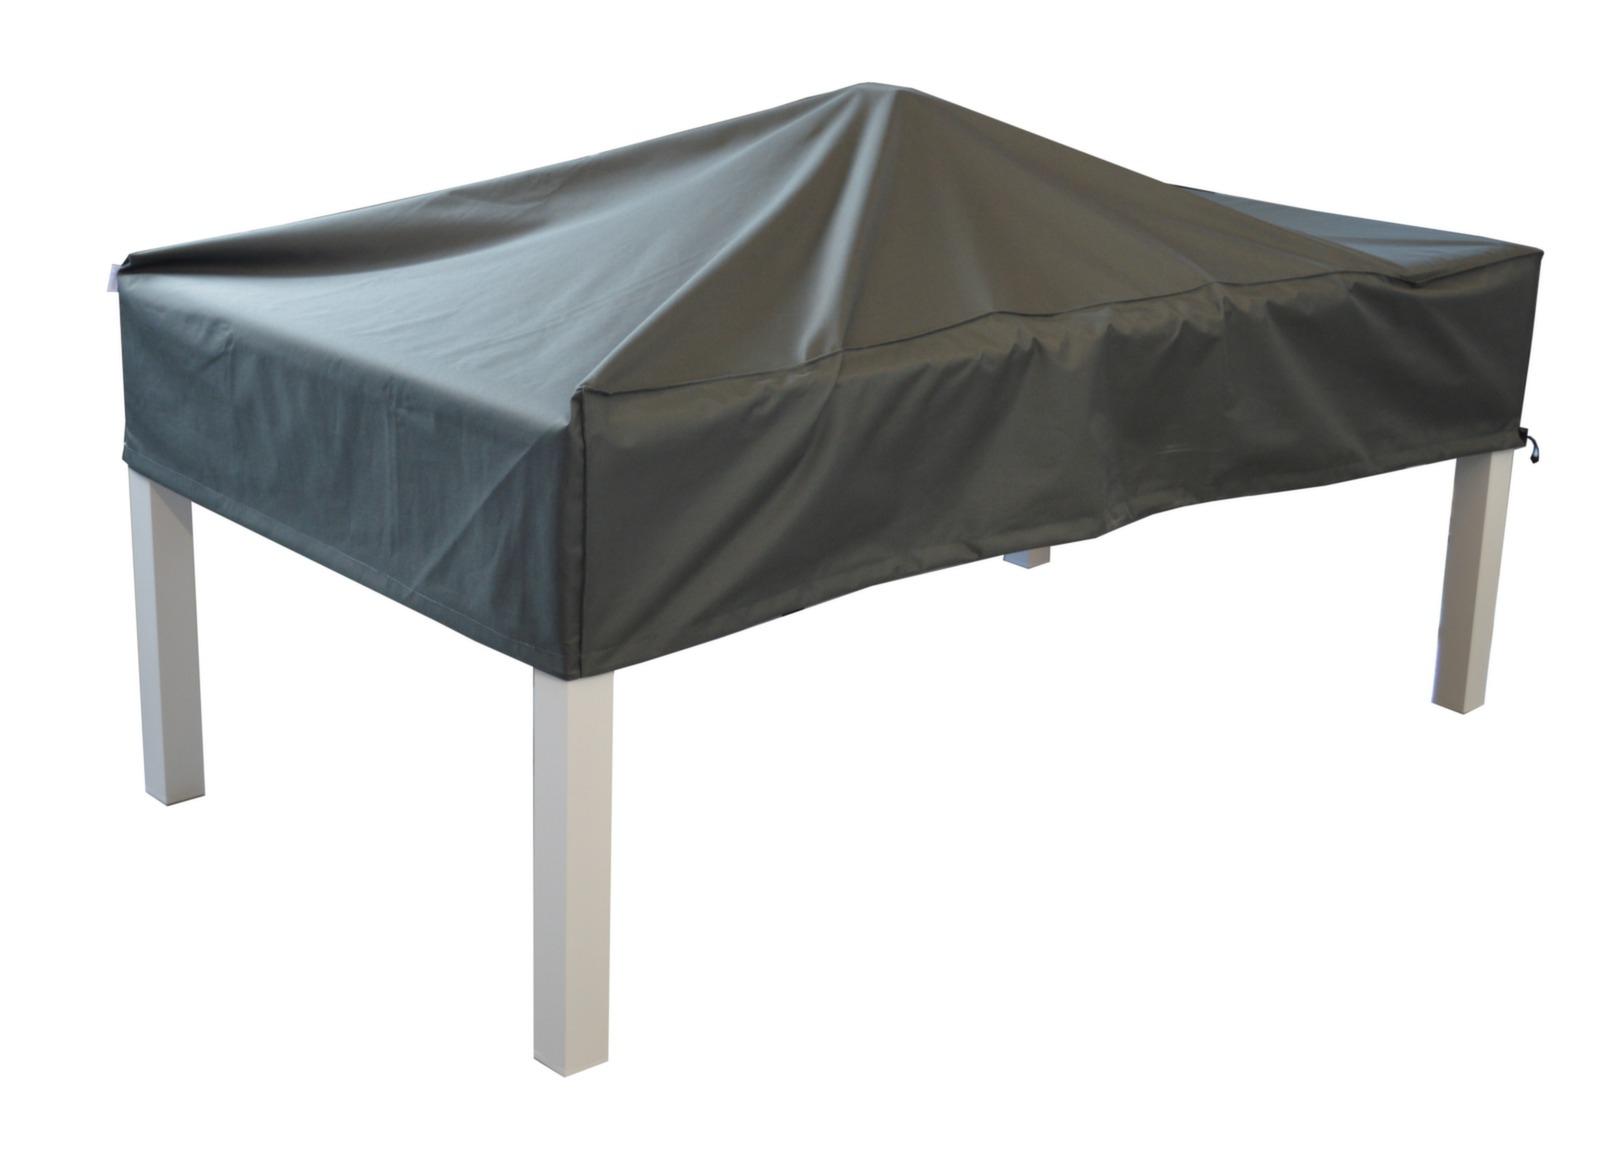 Housse De Protection Pour Tables concernant Bache Pour Table De Jardin